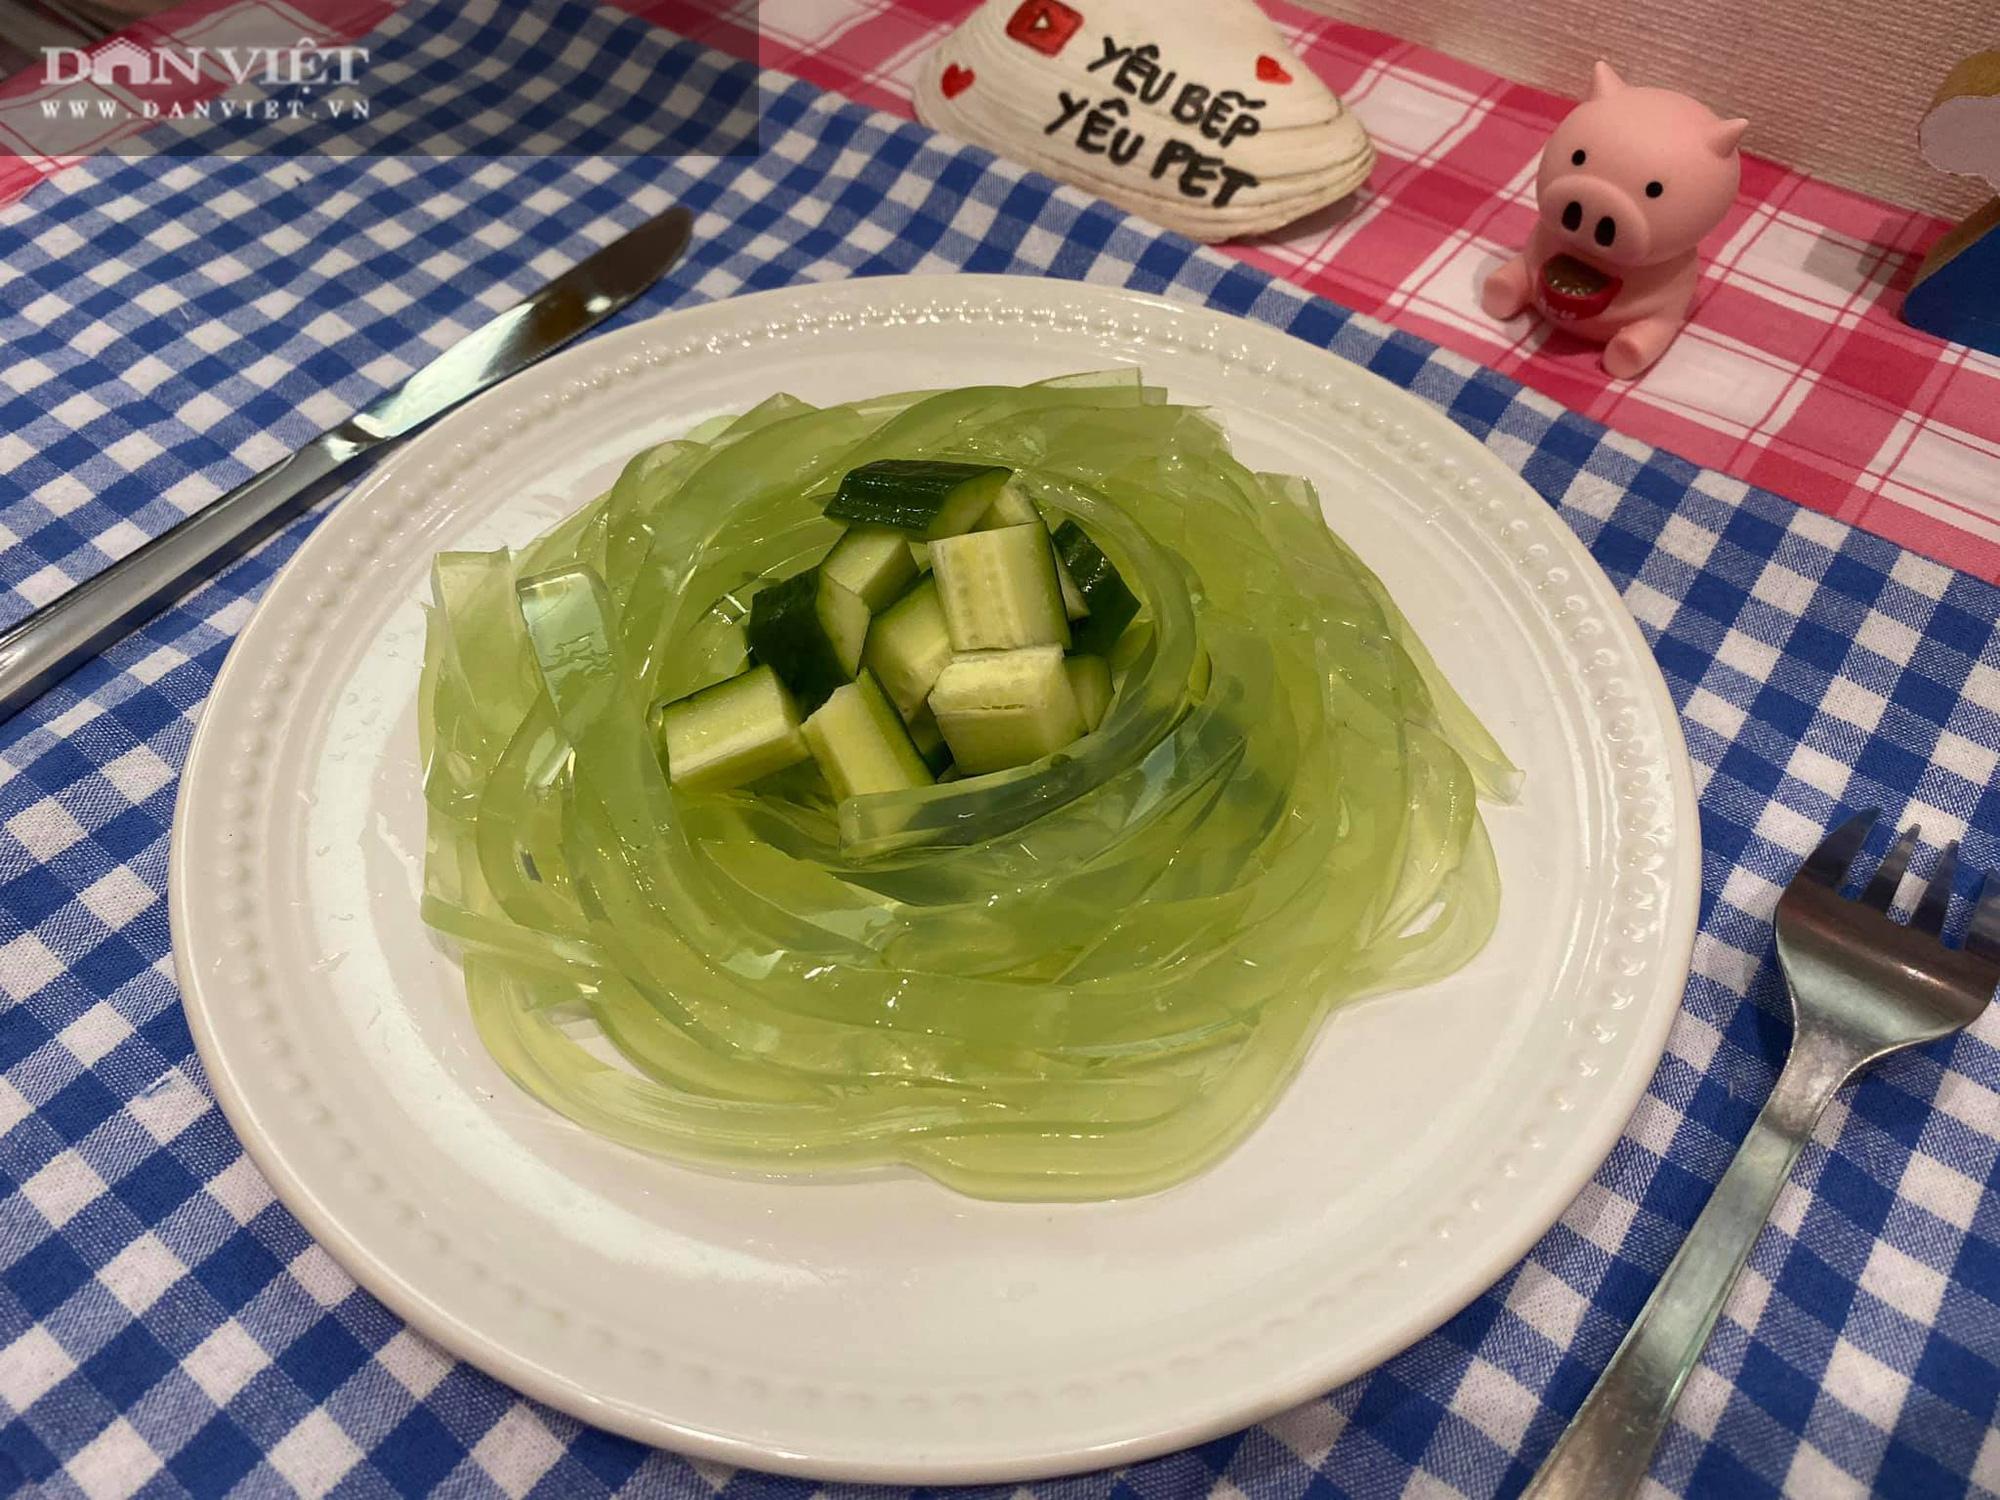 Thạch dưa chuột spaghetti thanh mát - Ảnh 2.